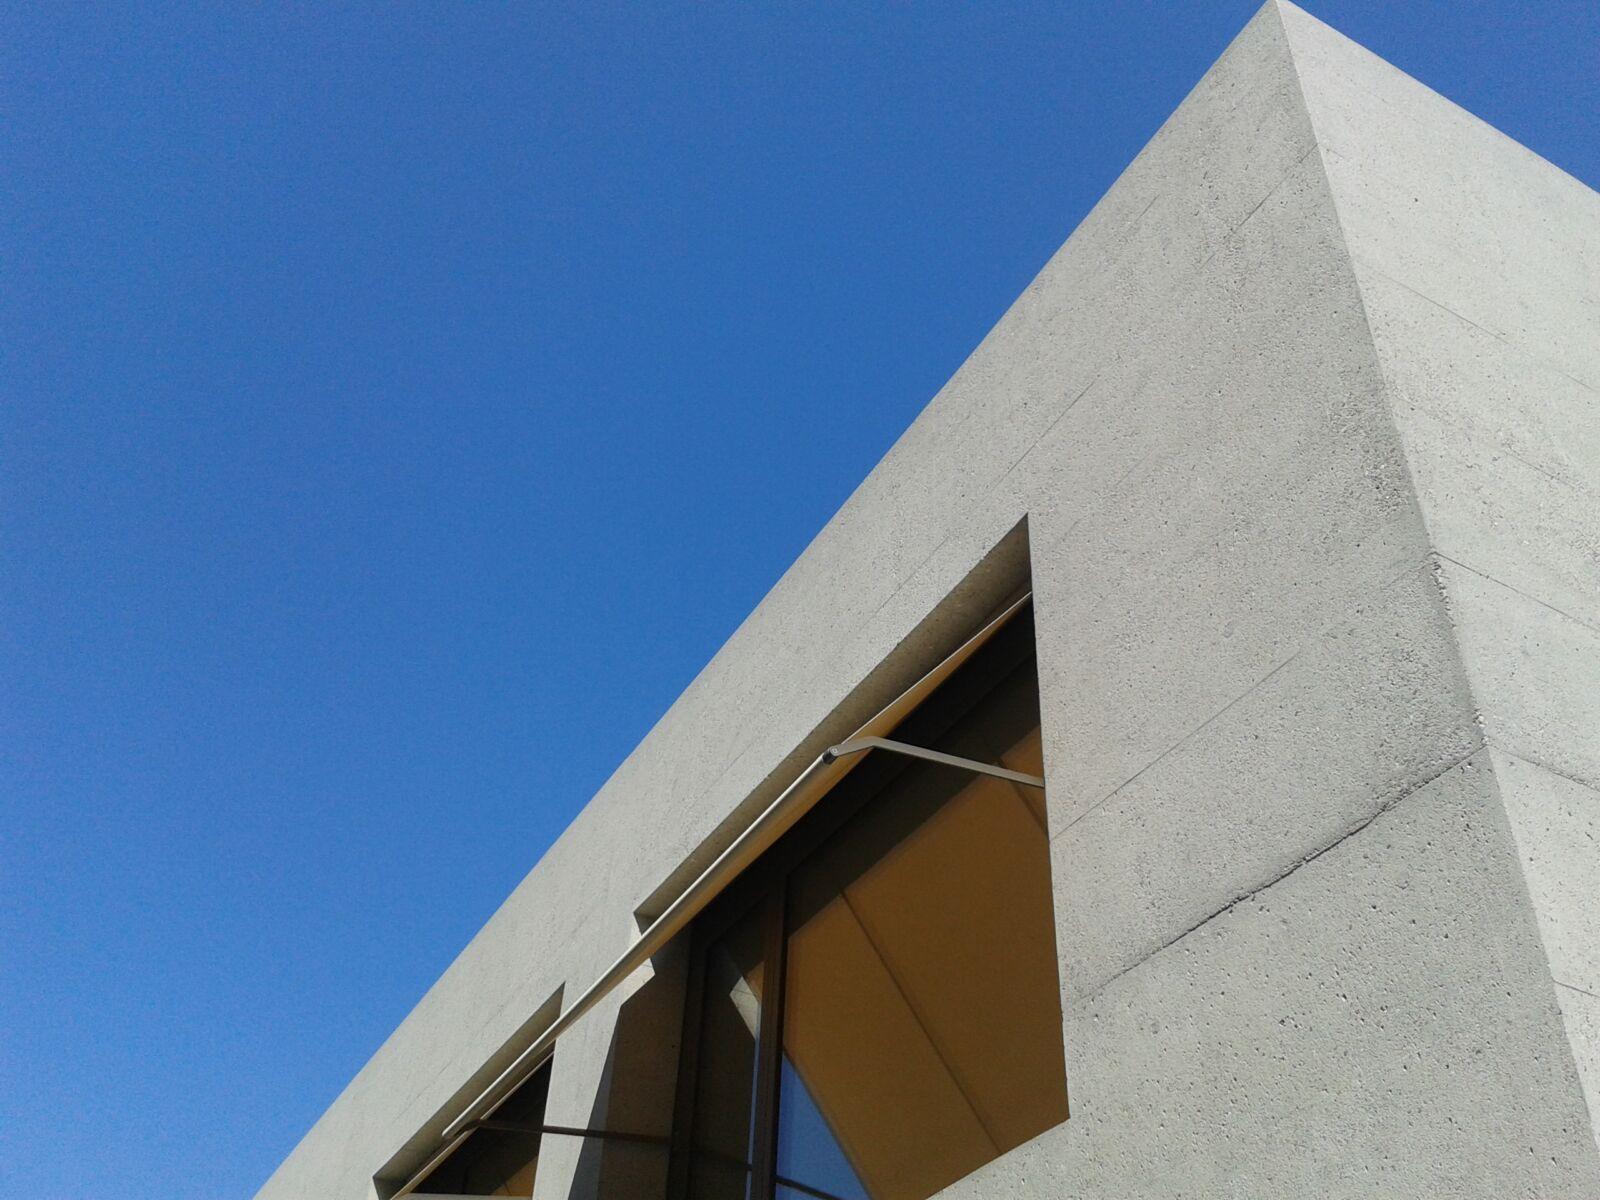 Gestrahlte Beton Fassade einer Schule